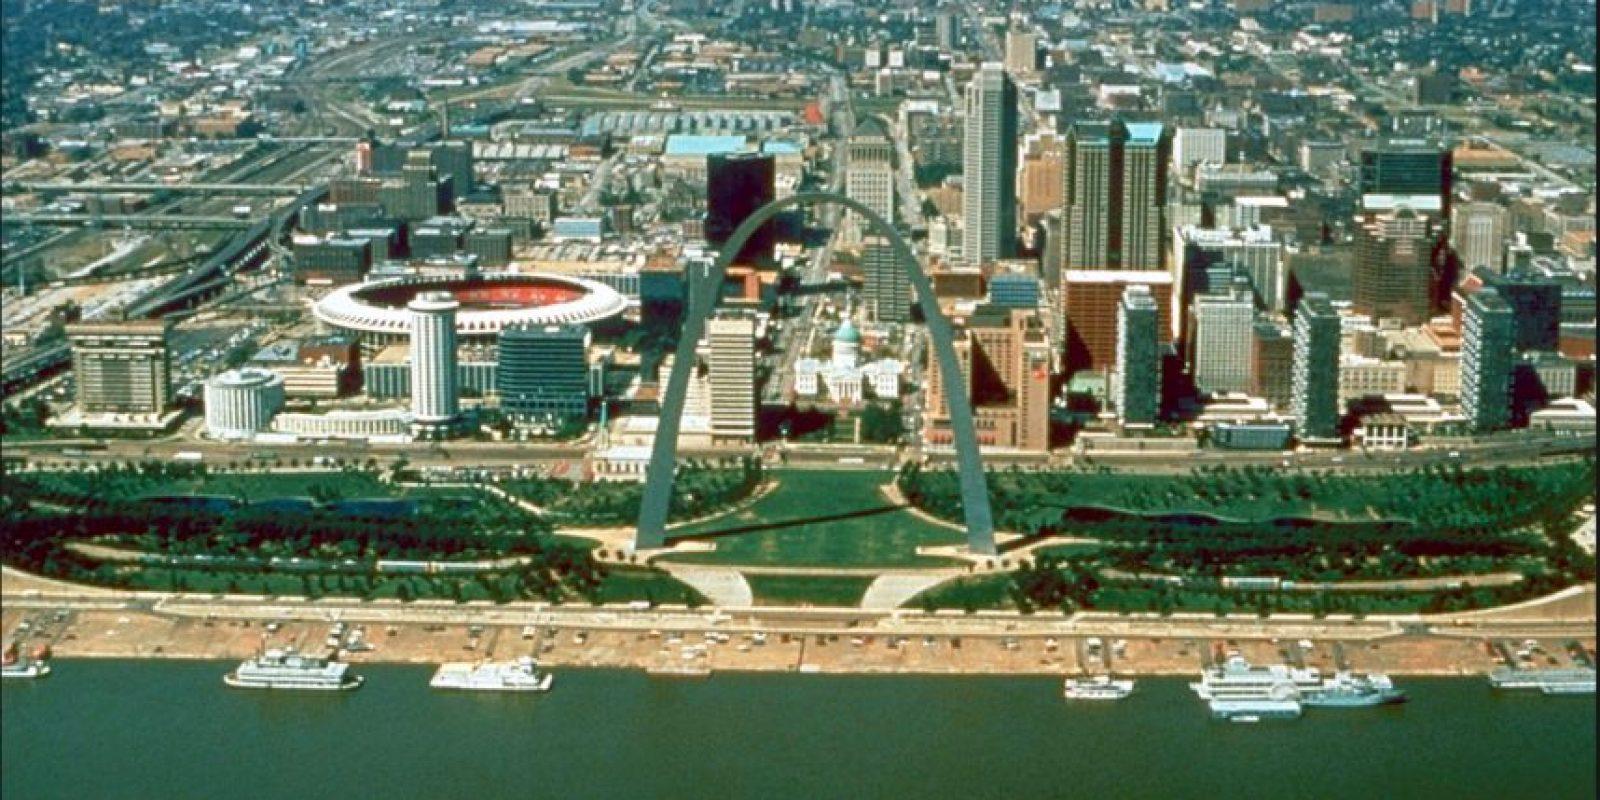 Todo ocurrió en la ciudad de St. Louis, en el estado de Missouri. Foto:Vía wiki